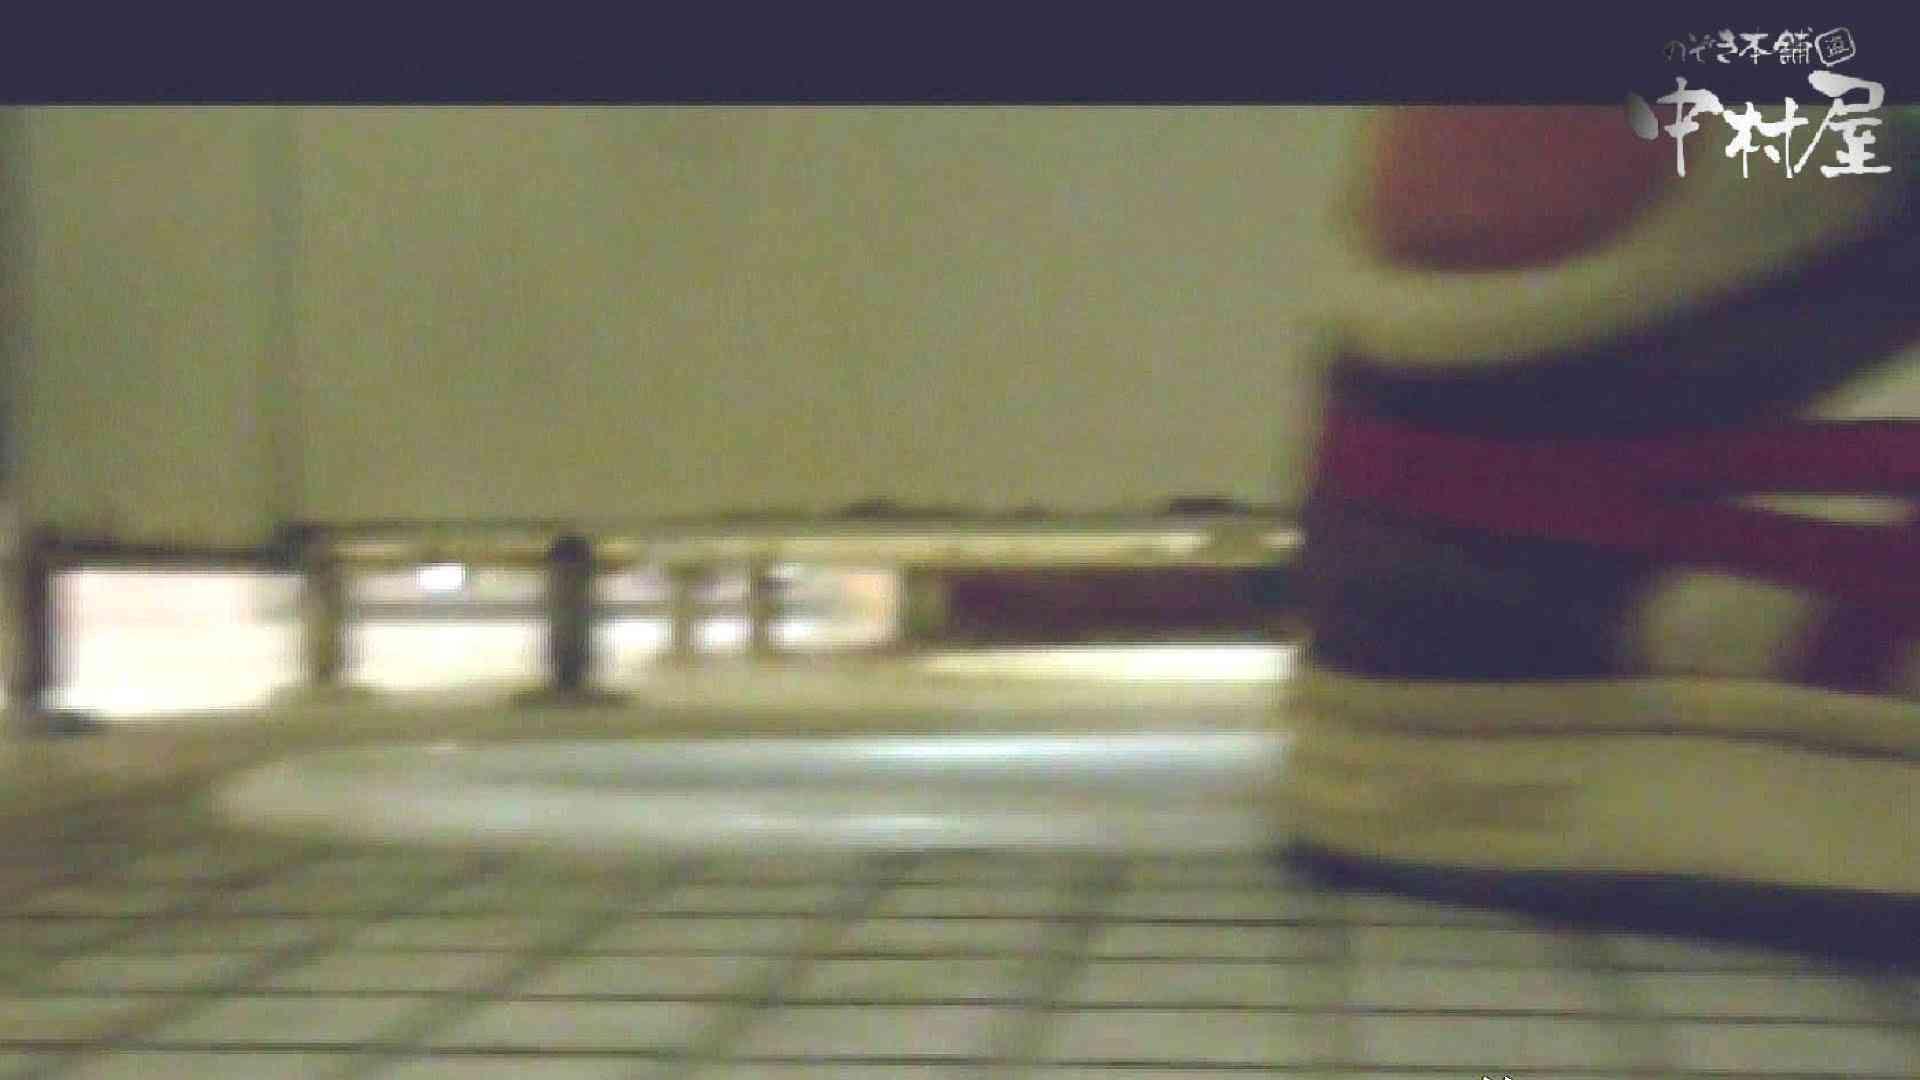 始動します‼雅さんの独断と偏見で集めた動画集 Vol.9 0 | 0  61pic 39